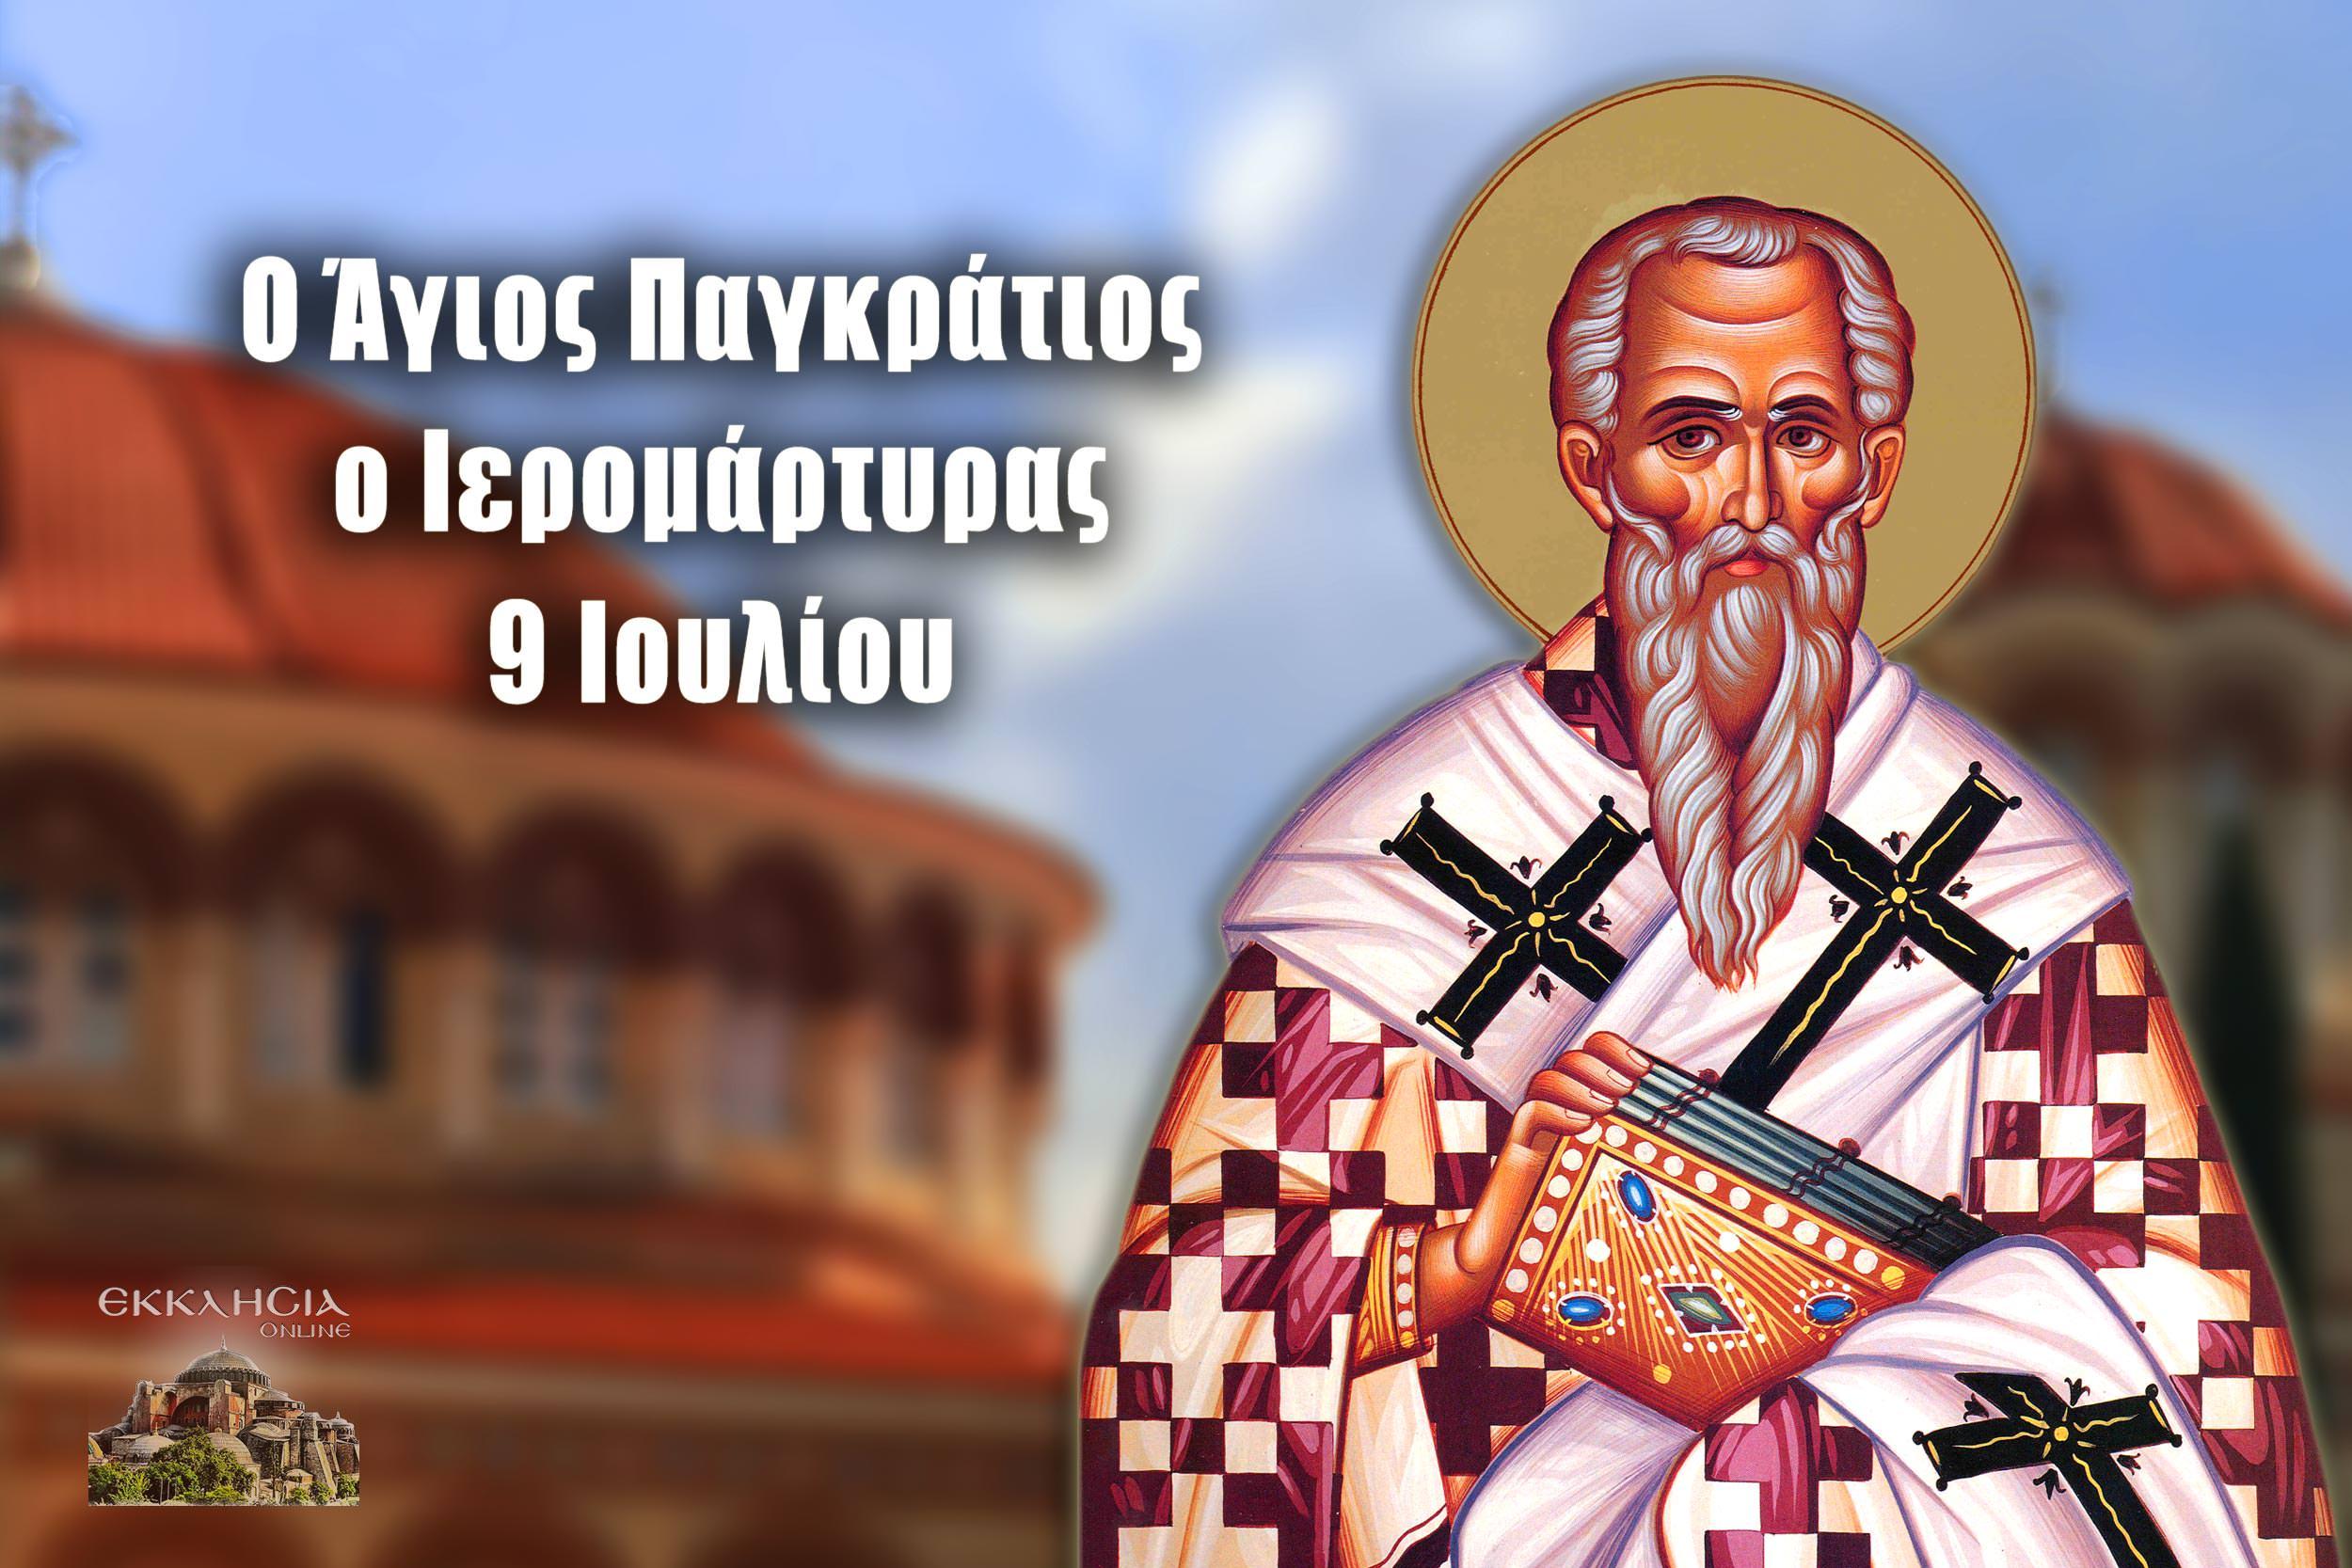 Άγιος Παγκράτιος ο Ιερομάρτυρας 9 Ιουλίου